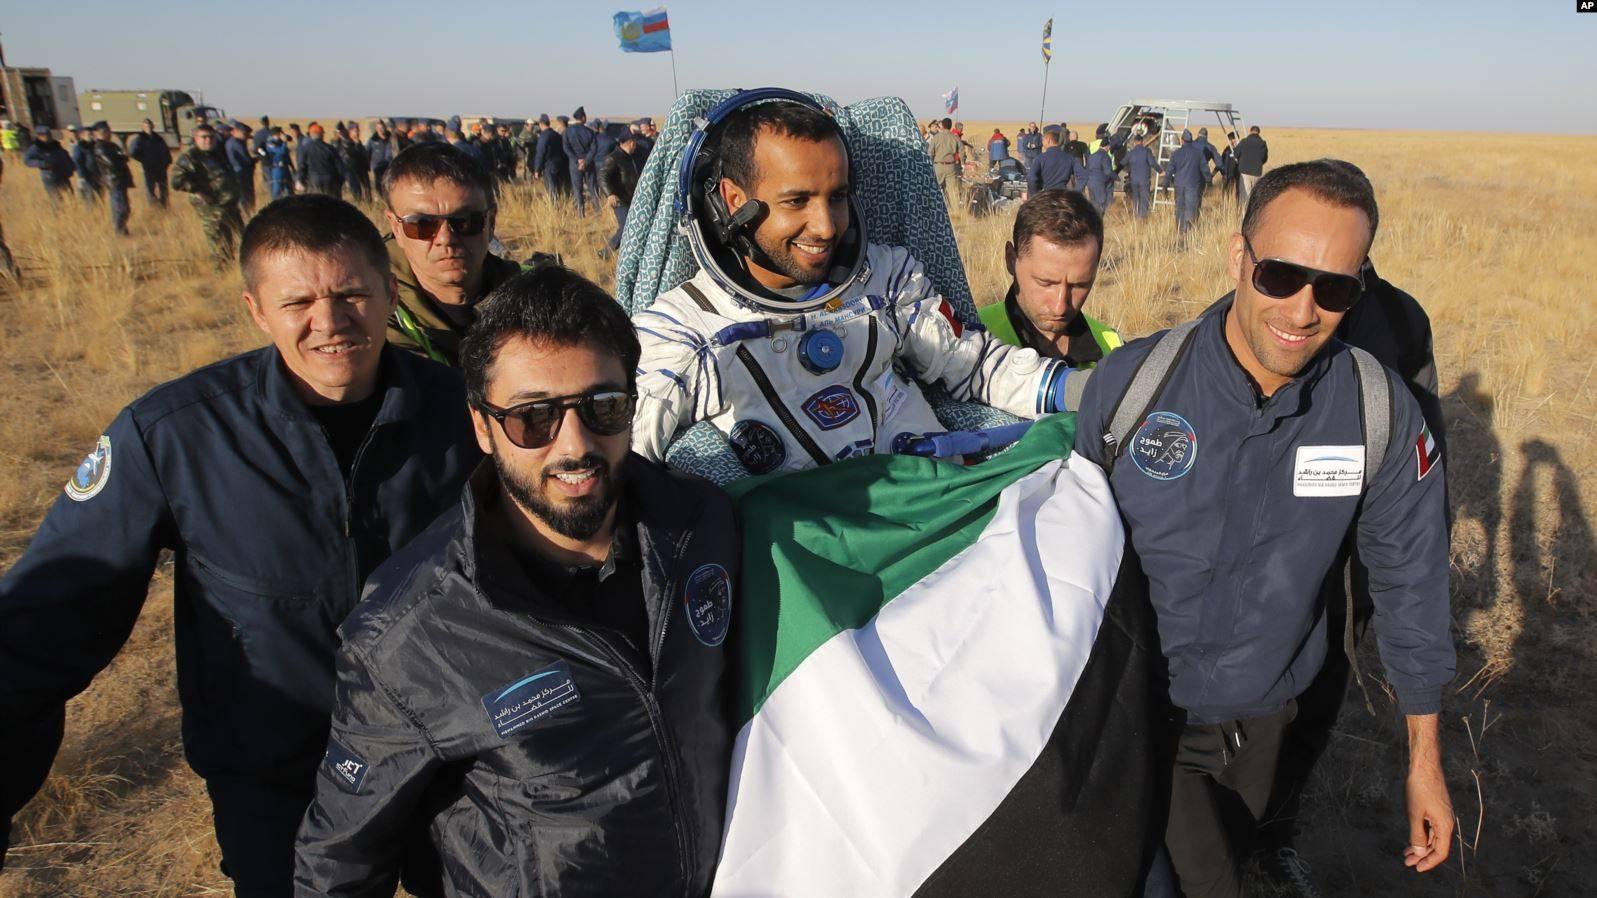 Astronautas de la NASA regresan sanos a la Tierra luego de pasar 203 días en la Estación Espacial